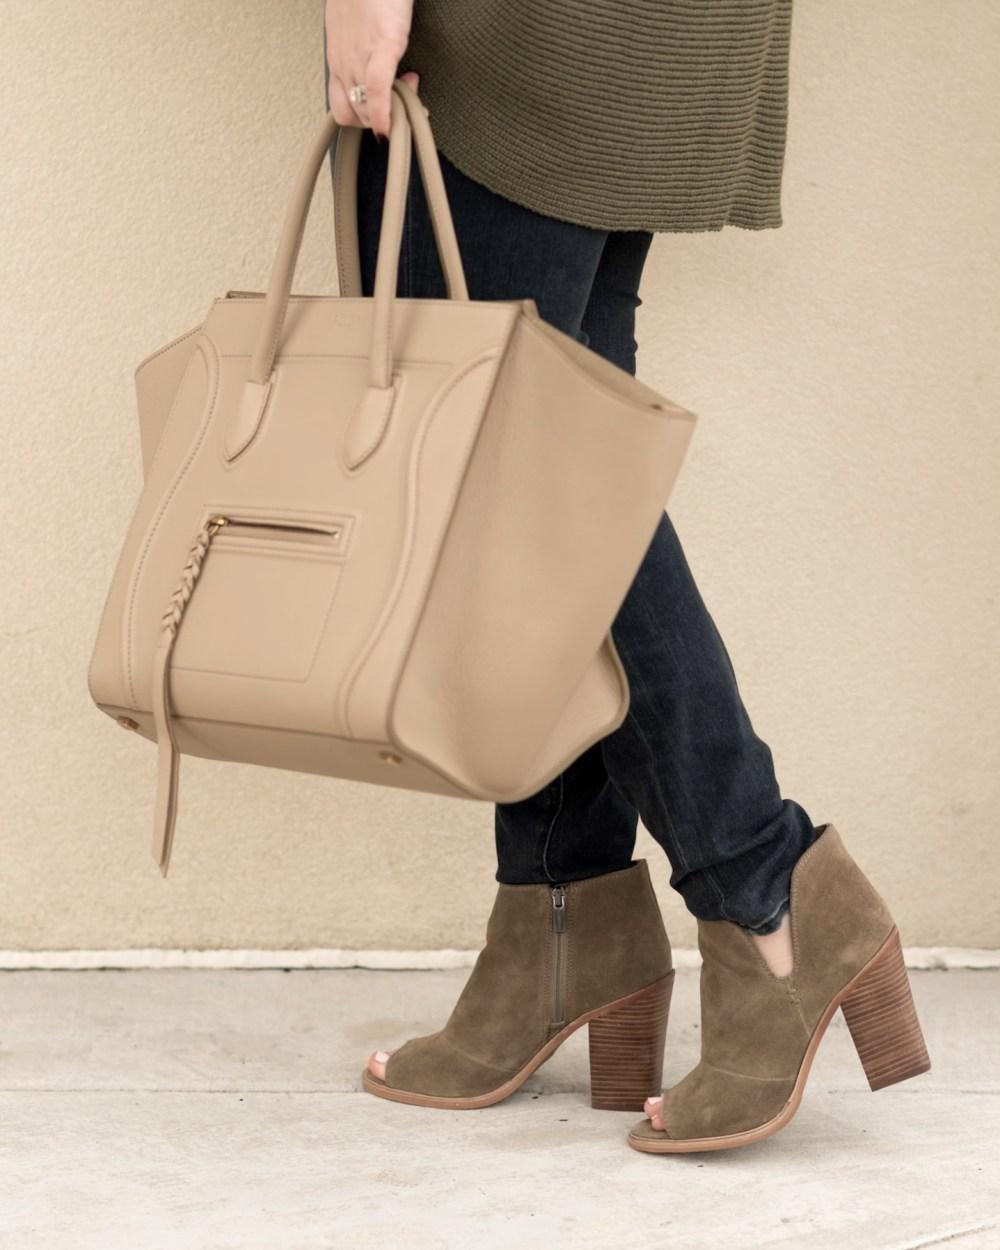 beige-celine-bag-vince-camuto-booties-fancy-things